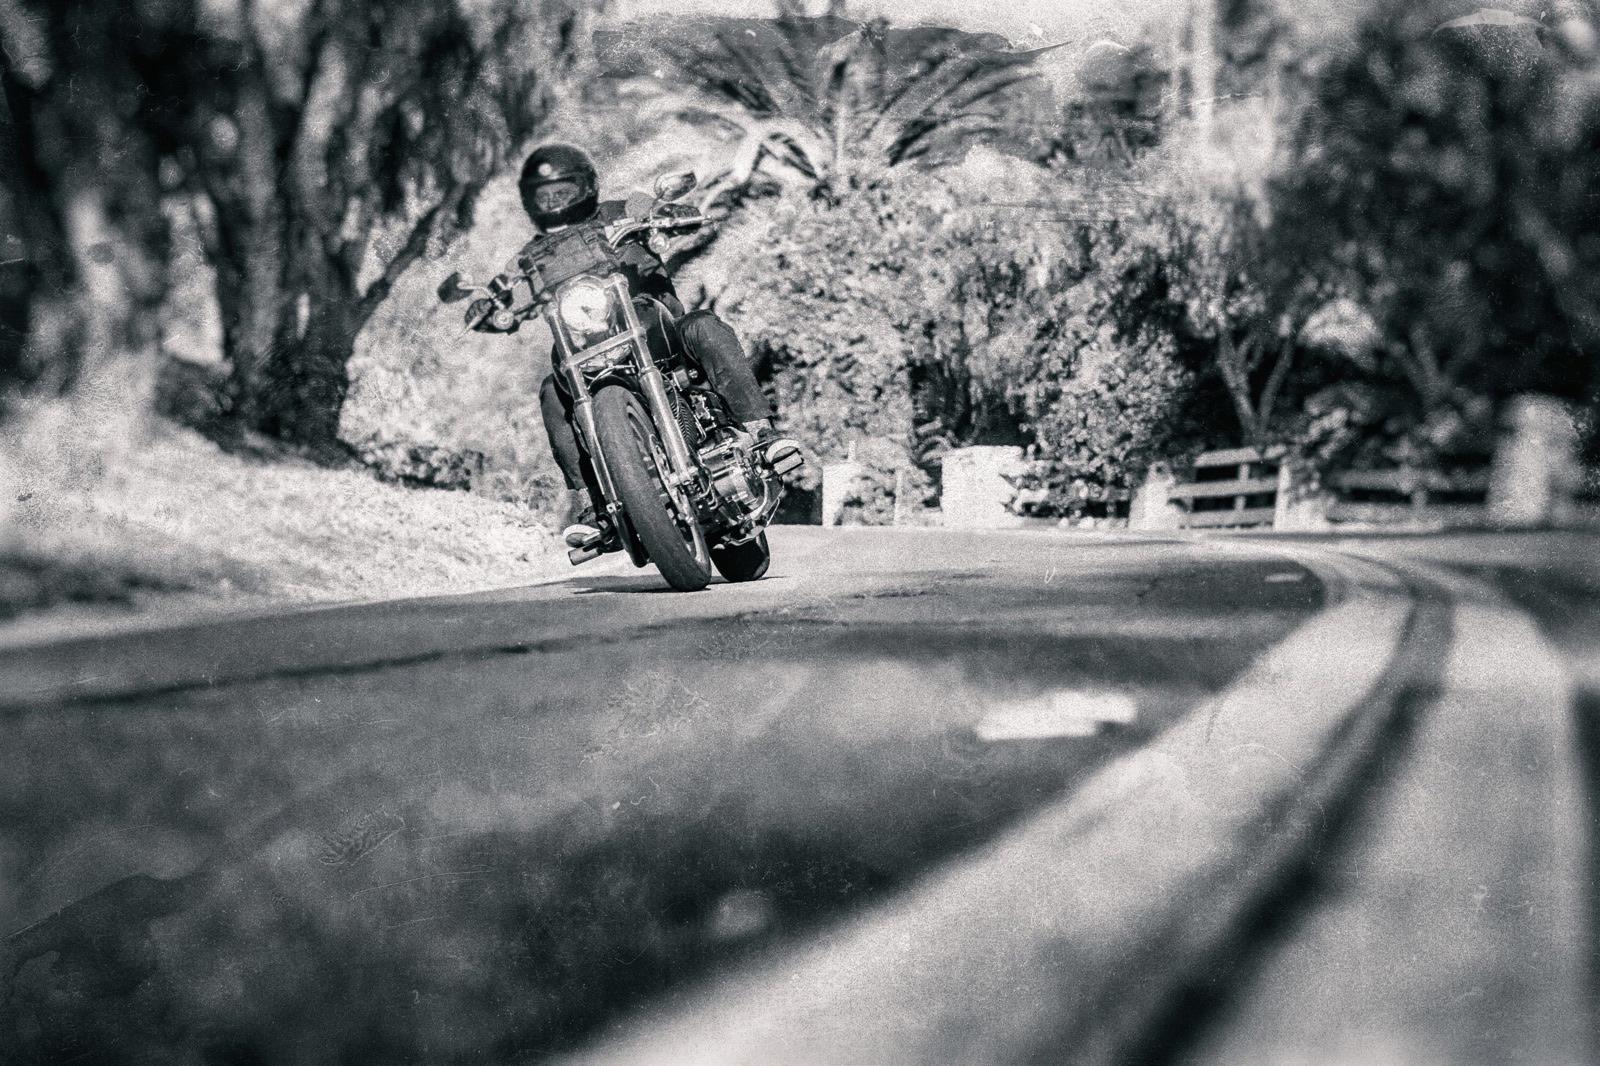 Darkstar-skateboards-harley-davidson-plg.jpg